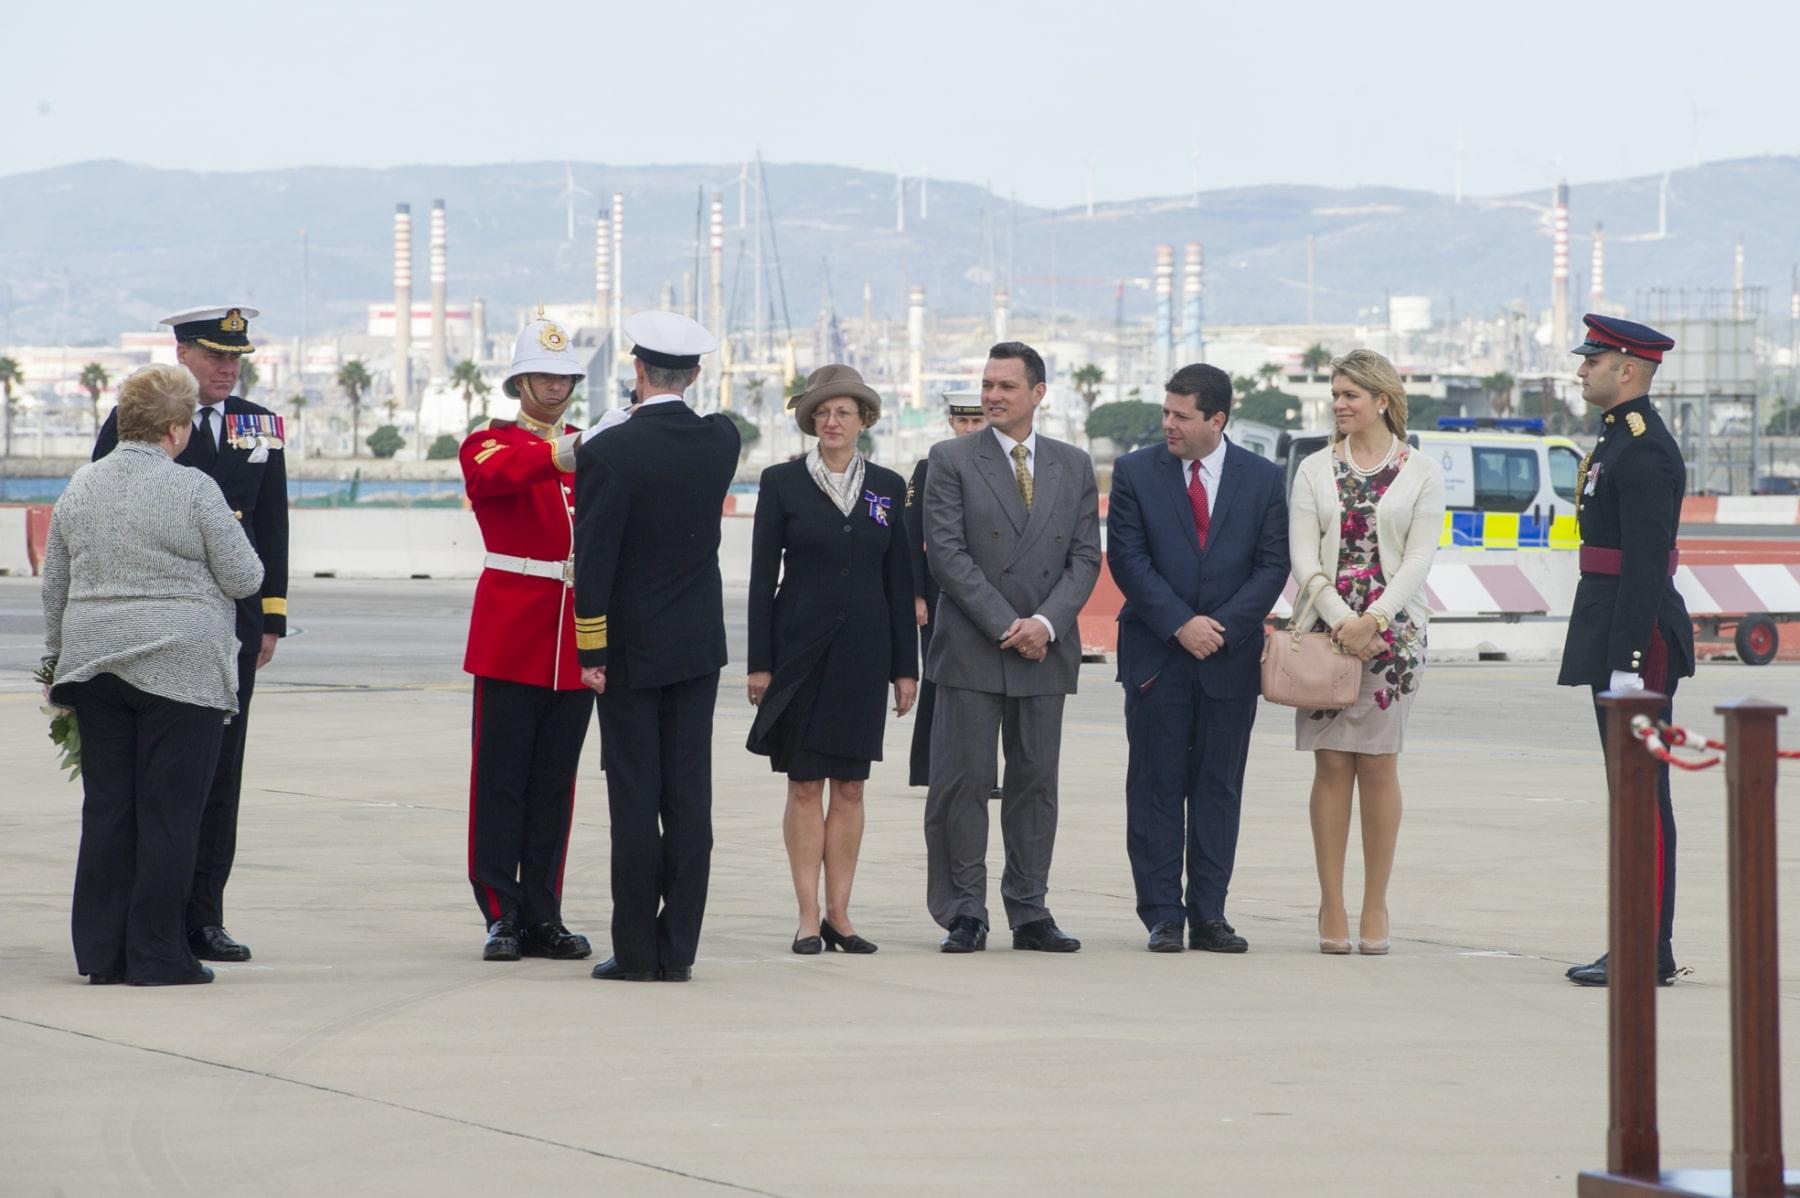 despedida-del-gobernador-de-gibraltar-13112013-marcos-moreno28_10967282344_o